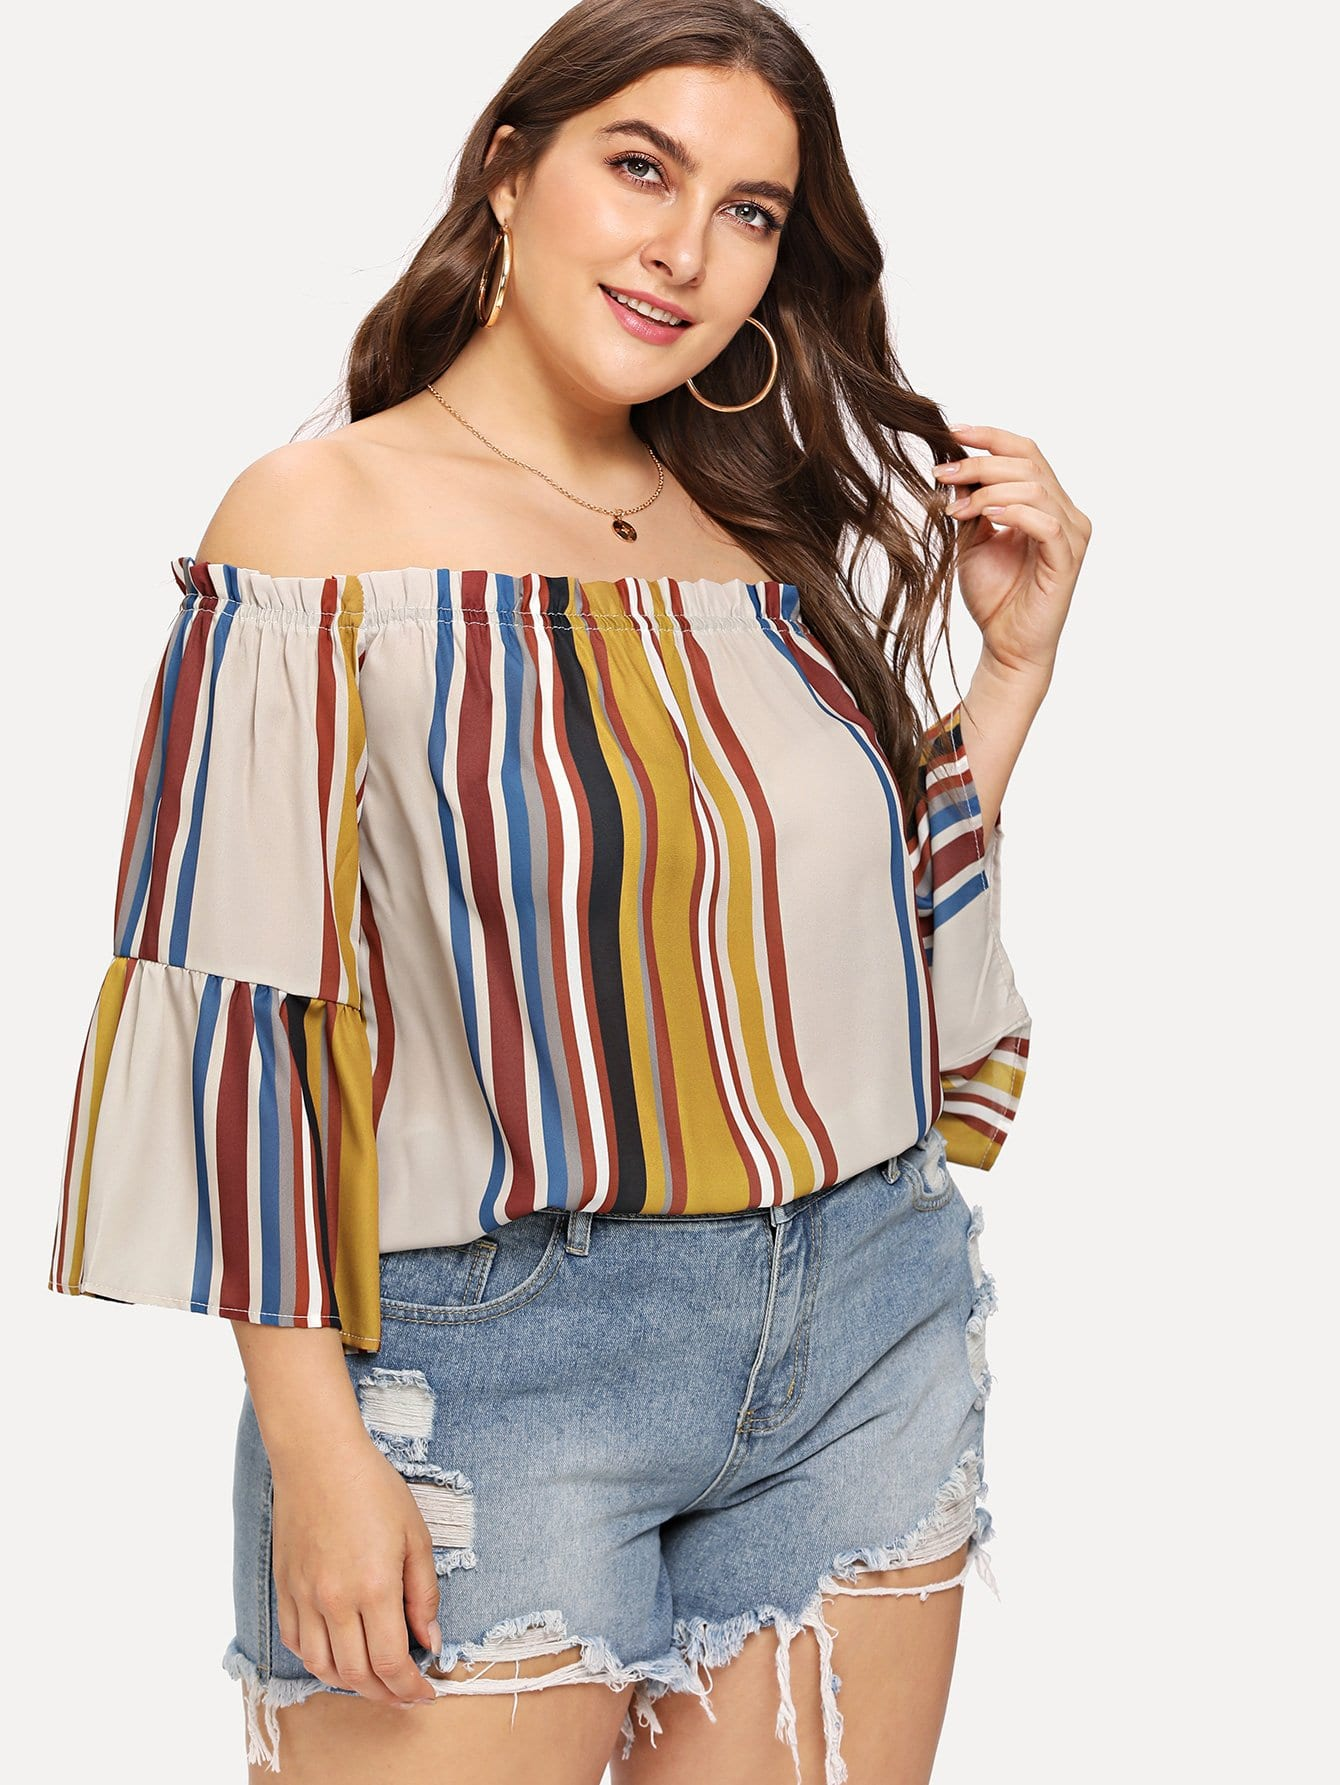 Купить Блузка с полосками и открытыми плечами, Franziska, SheIn